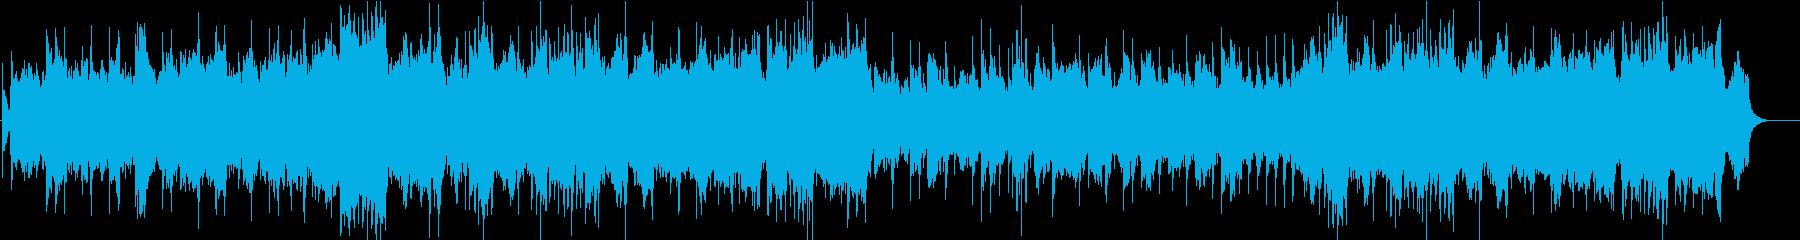 ノクターン第2番 オルゴールオーケストラの再生済みの波形